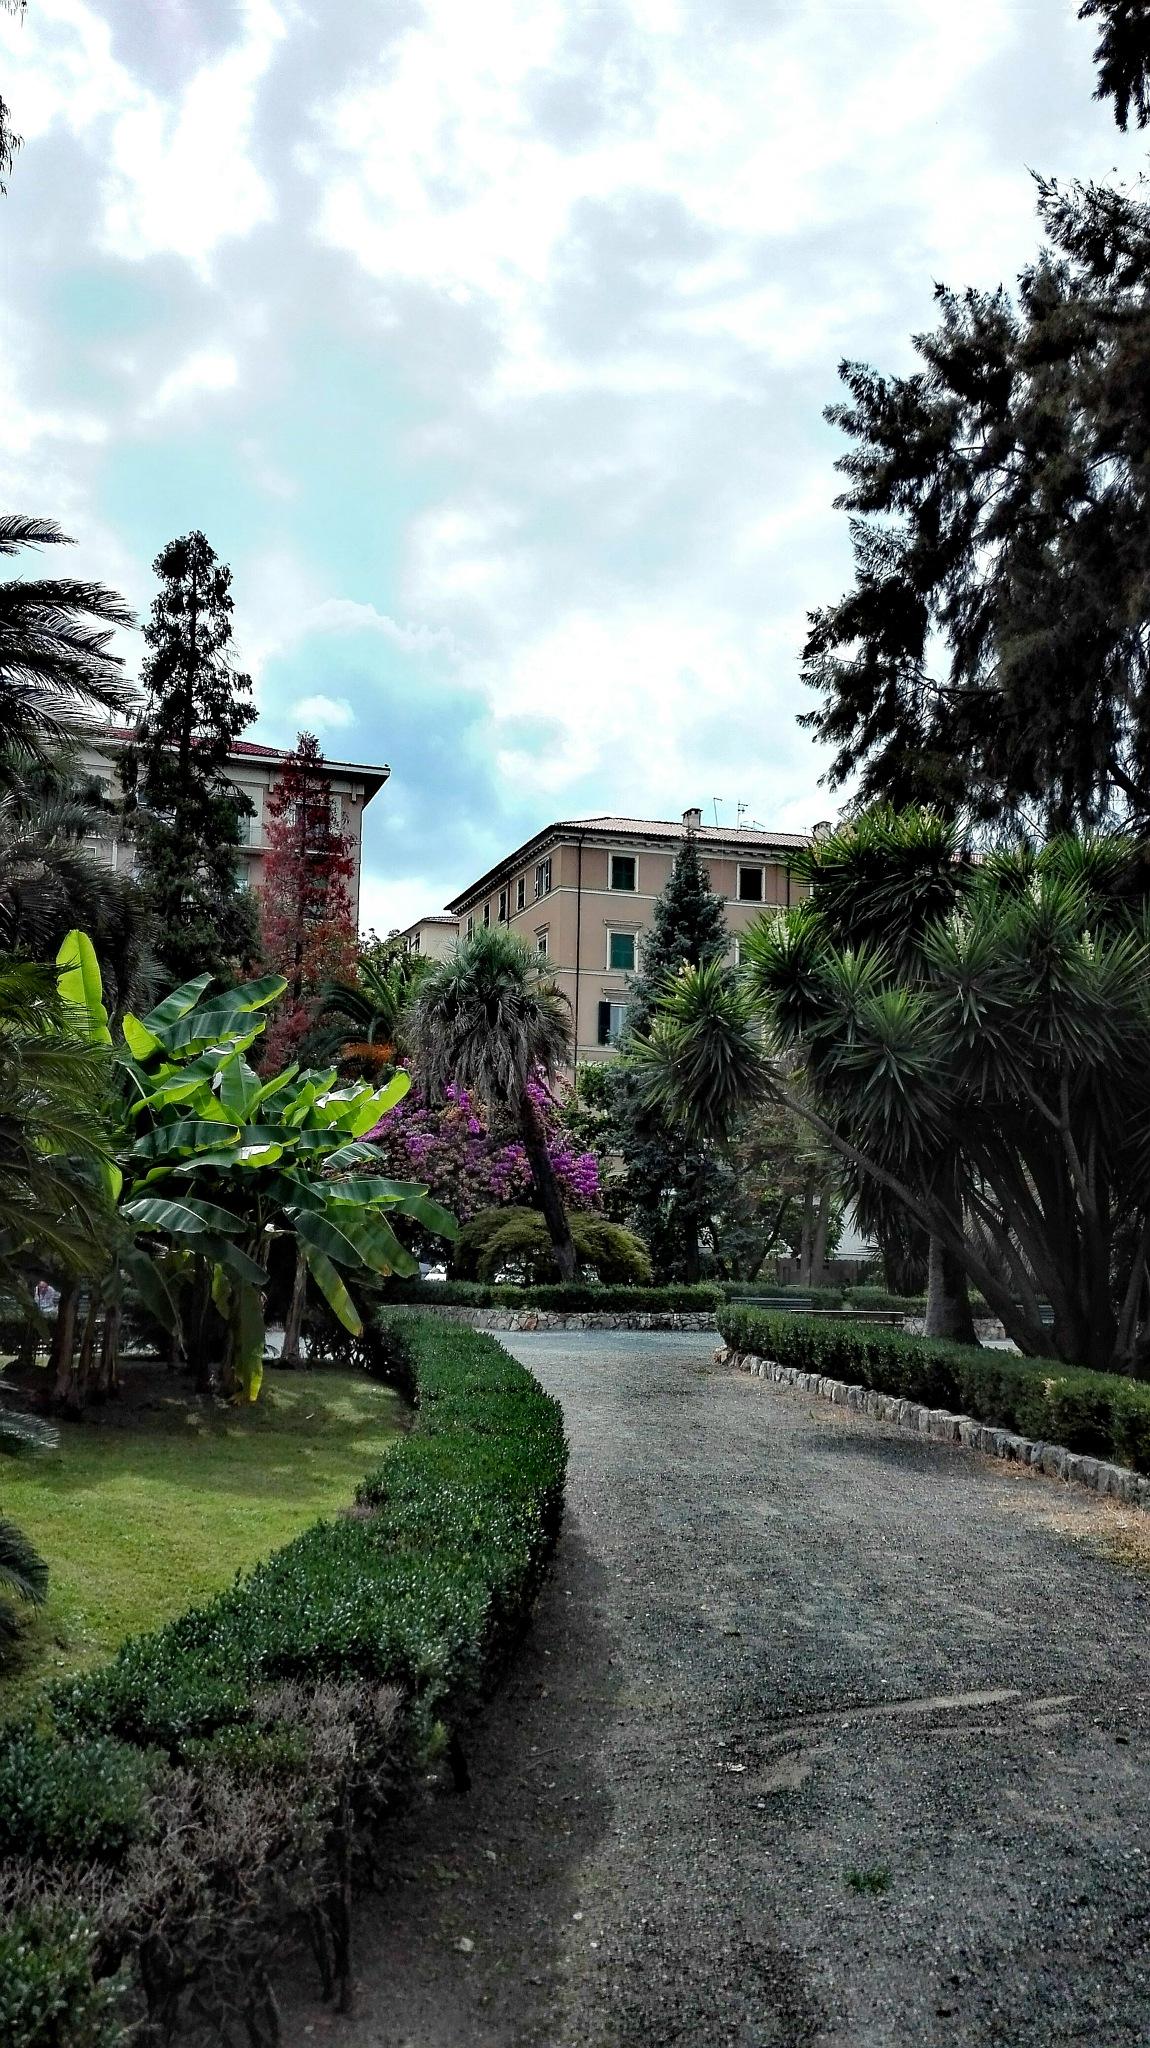 parco Salvador Allende by  Gaelle Le Meur